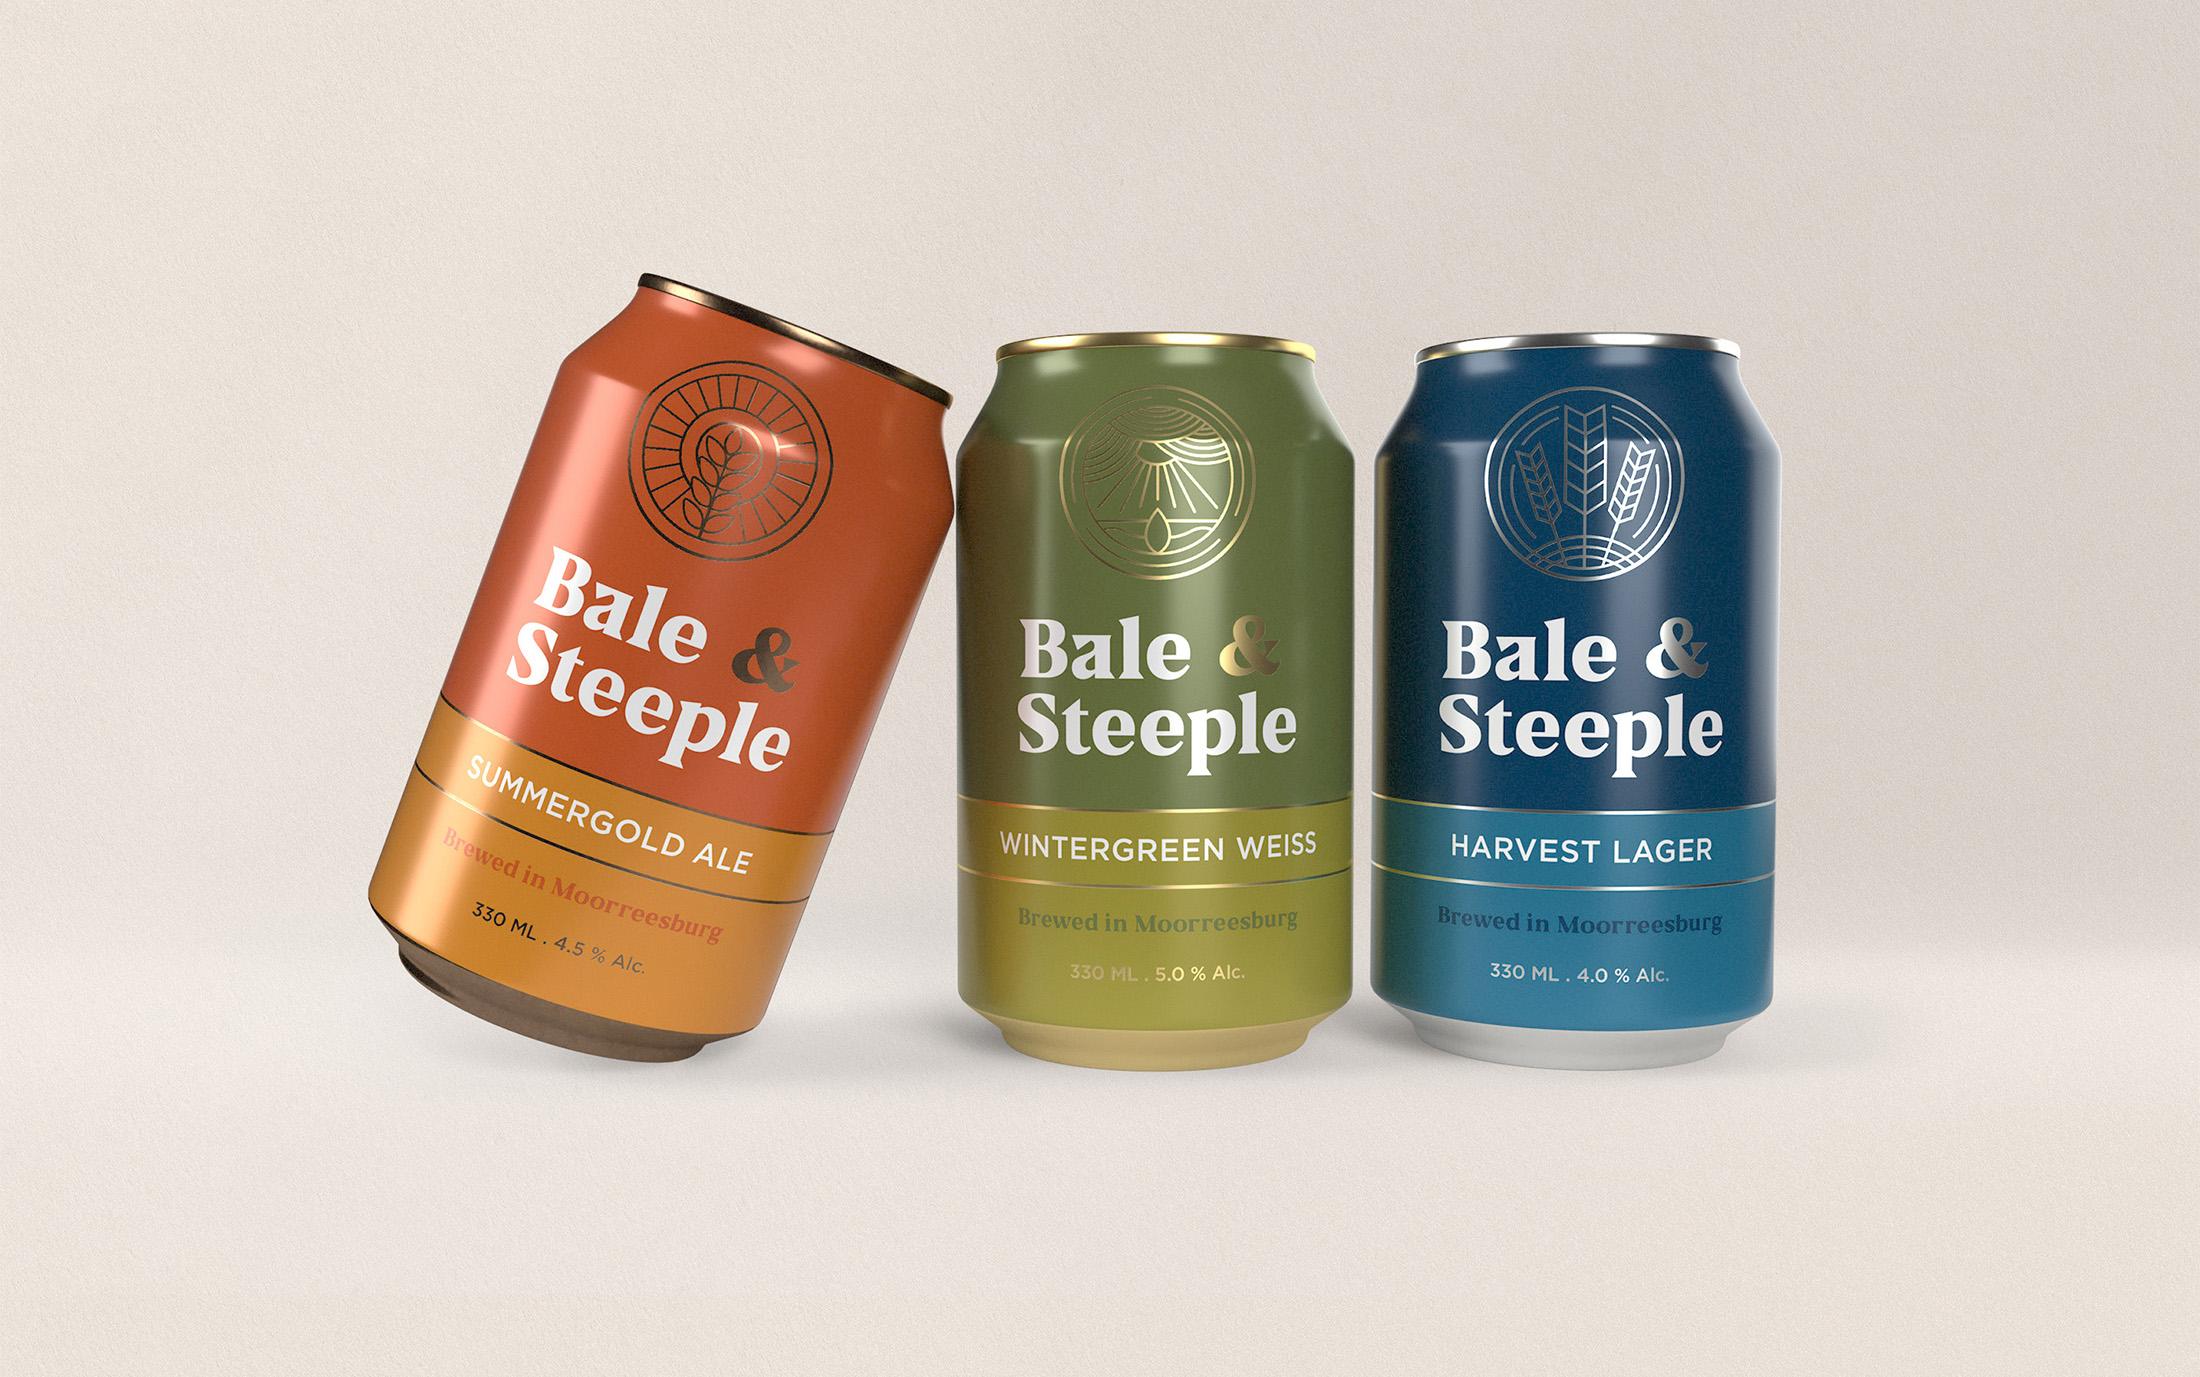 TylerTheCreative - Bale & Steeple Brewing Co.5.jpg